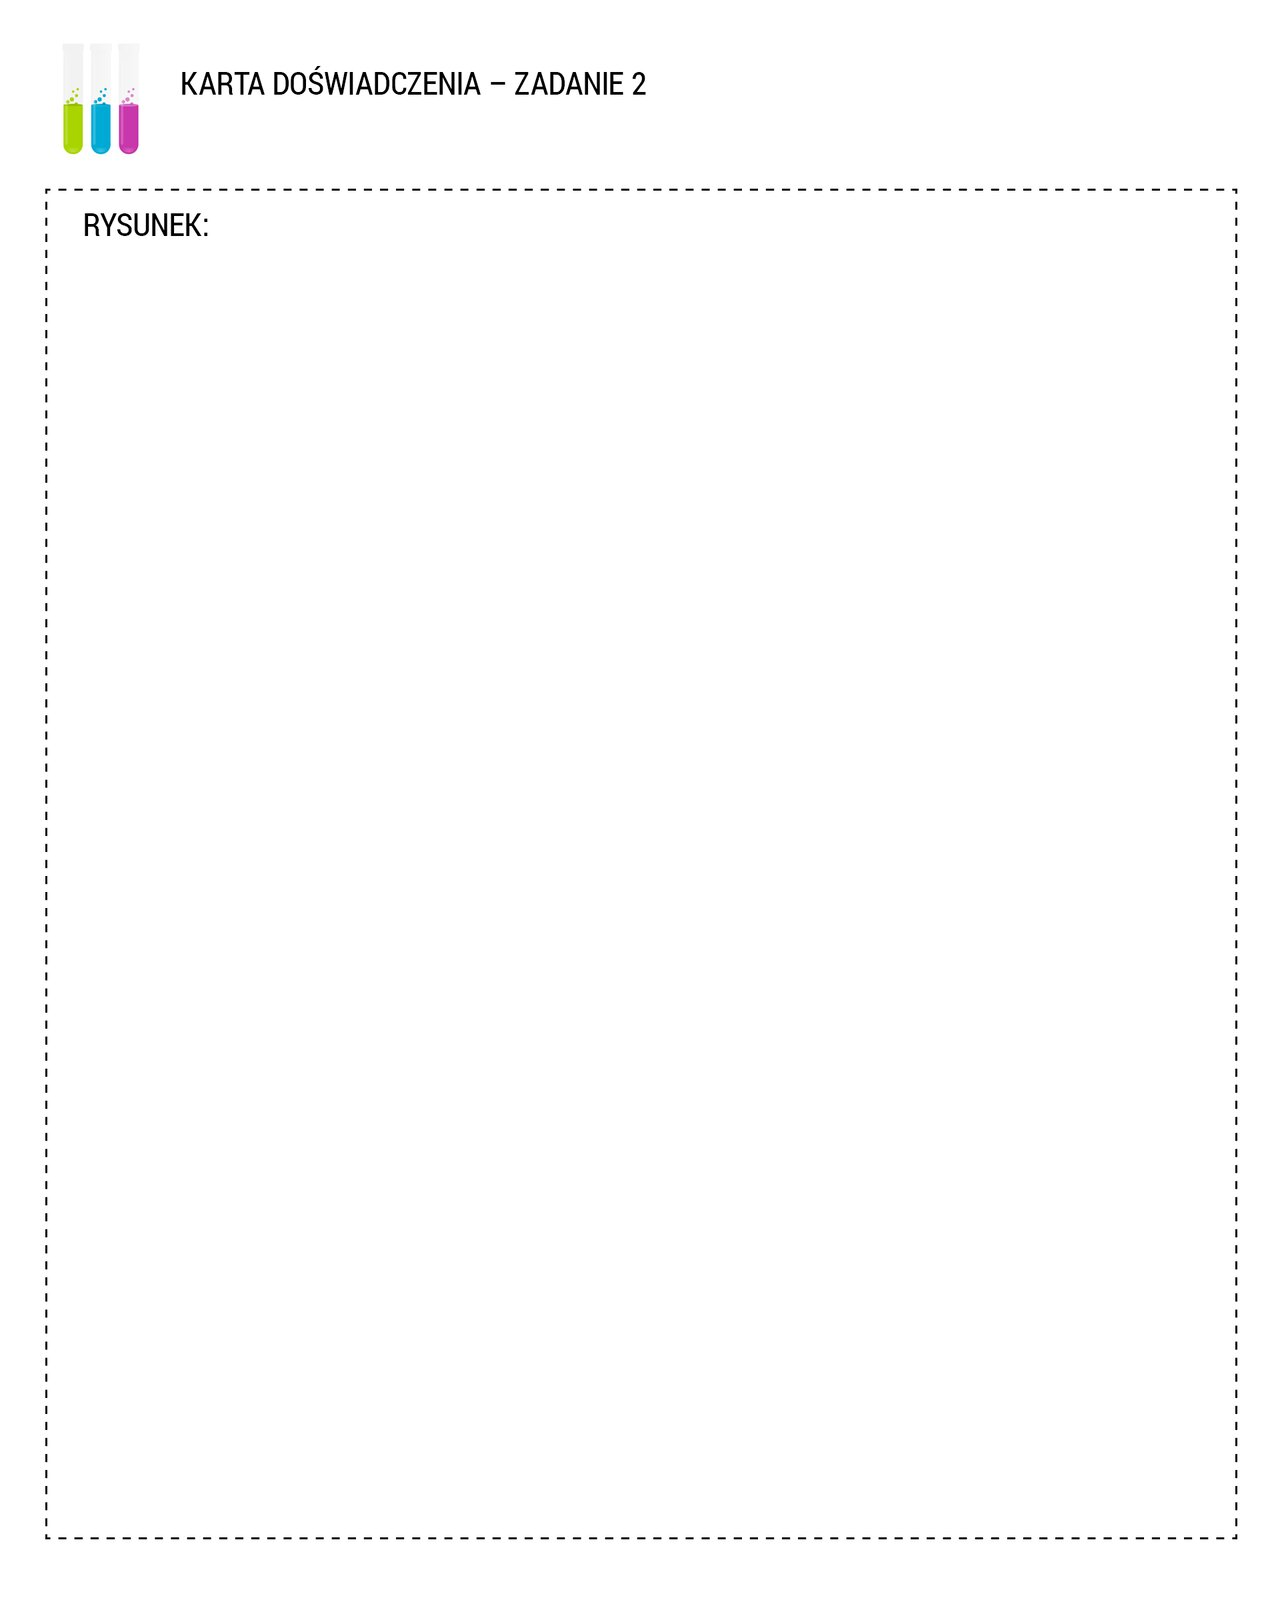 """Na rysunku pokazany jest arkusz służący do zilustrowania doświadczenia. Wlewym górnym rogu arkusza widnieje rysunek trzech probówek napełnionych do połowy kolorowymi cieczami. Od lewej: zieloną, niebieską, fioletową. Obok umieszczono tytuł arkusza pracy domowej: """"KARTA DOŚWIADCZENIA – ZADANIE 2"""". Poniżej znajduje się wydzielony obszar, na którym należy umieścić rysunek ilustrujący doświadczenie."""